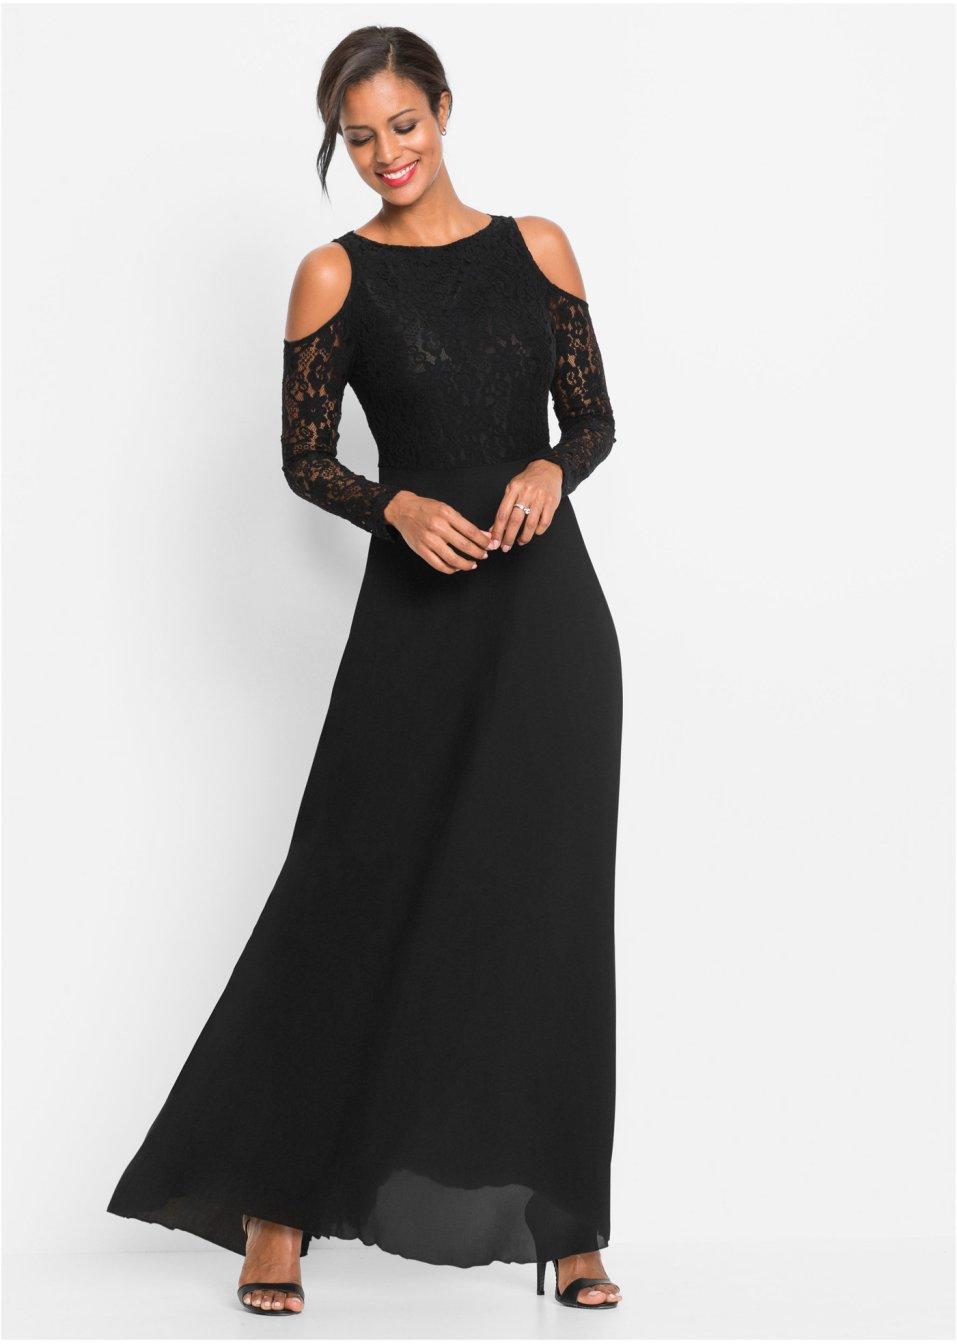 Traumhaftes Kleid mit schöner Spitze und zauberhaftem Rock ...